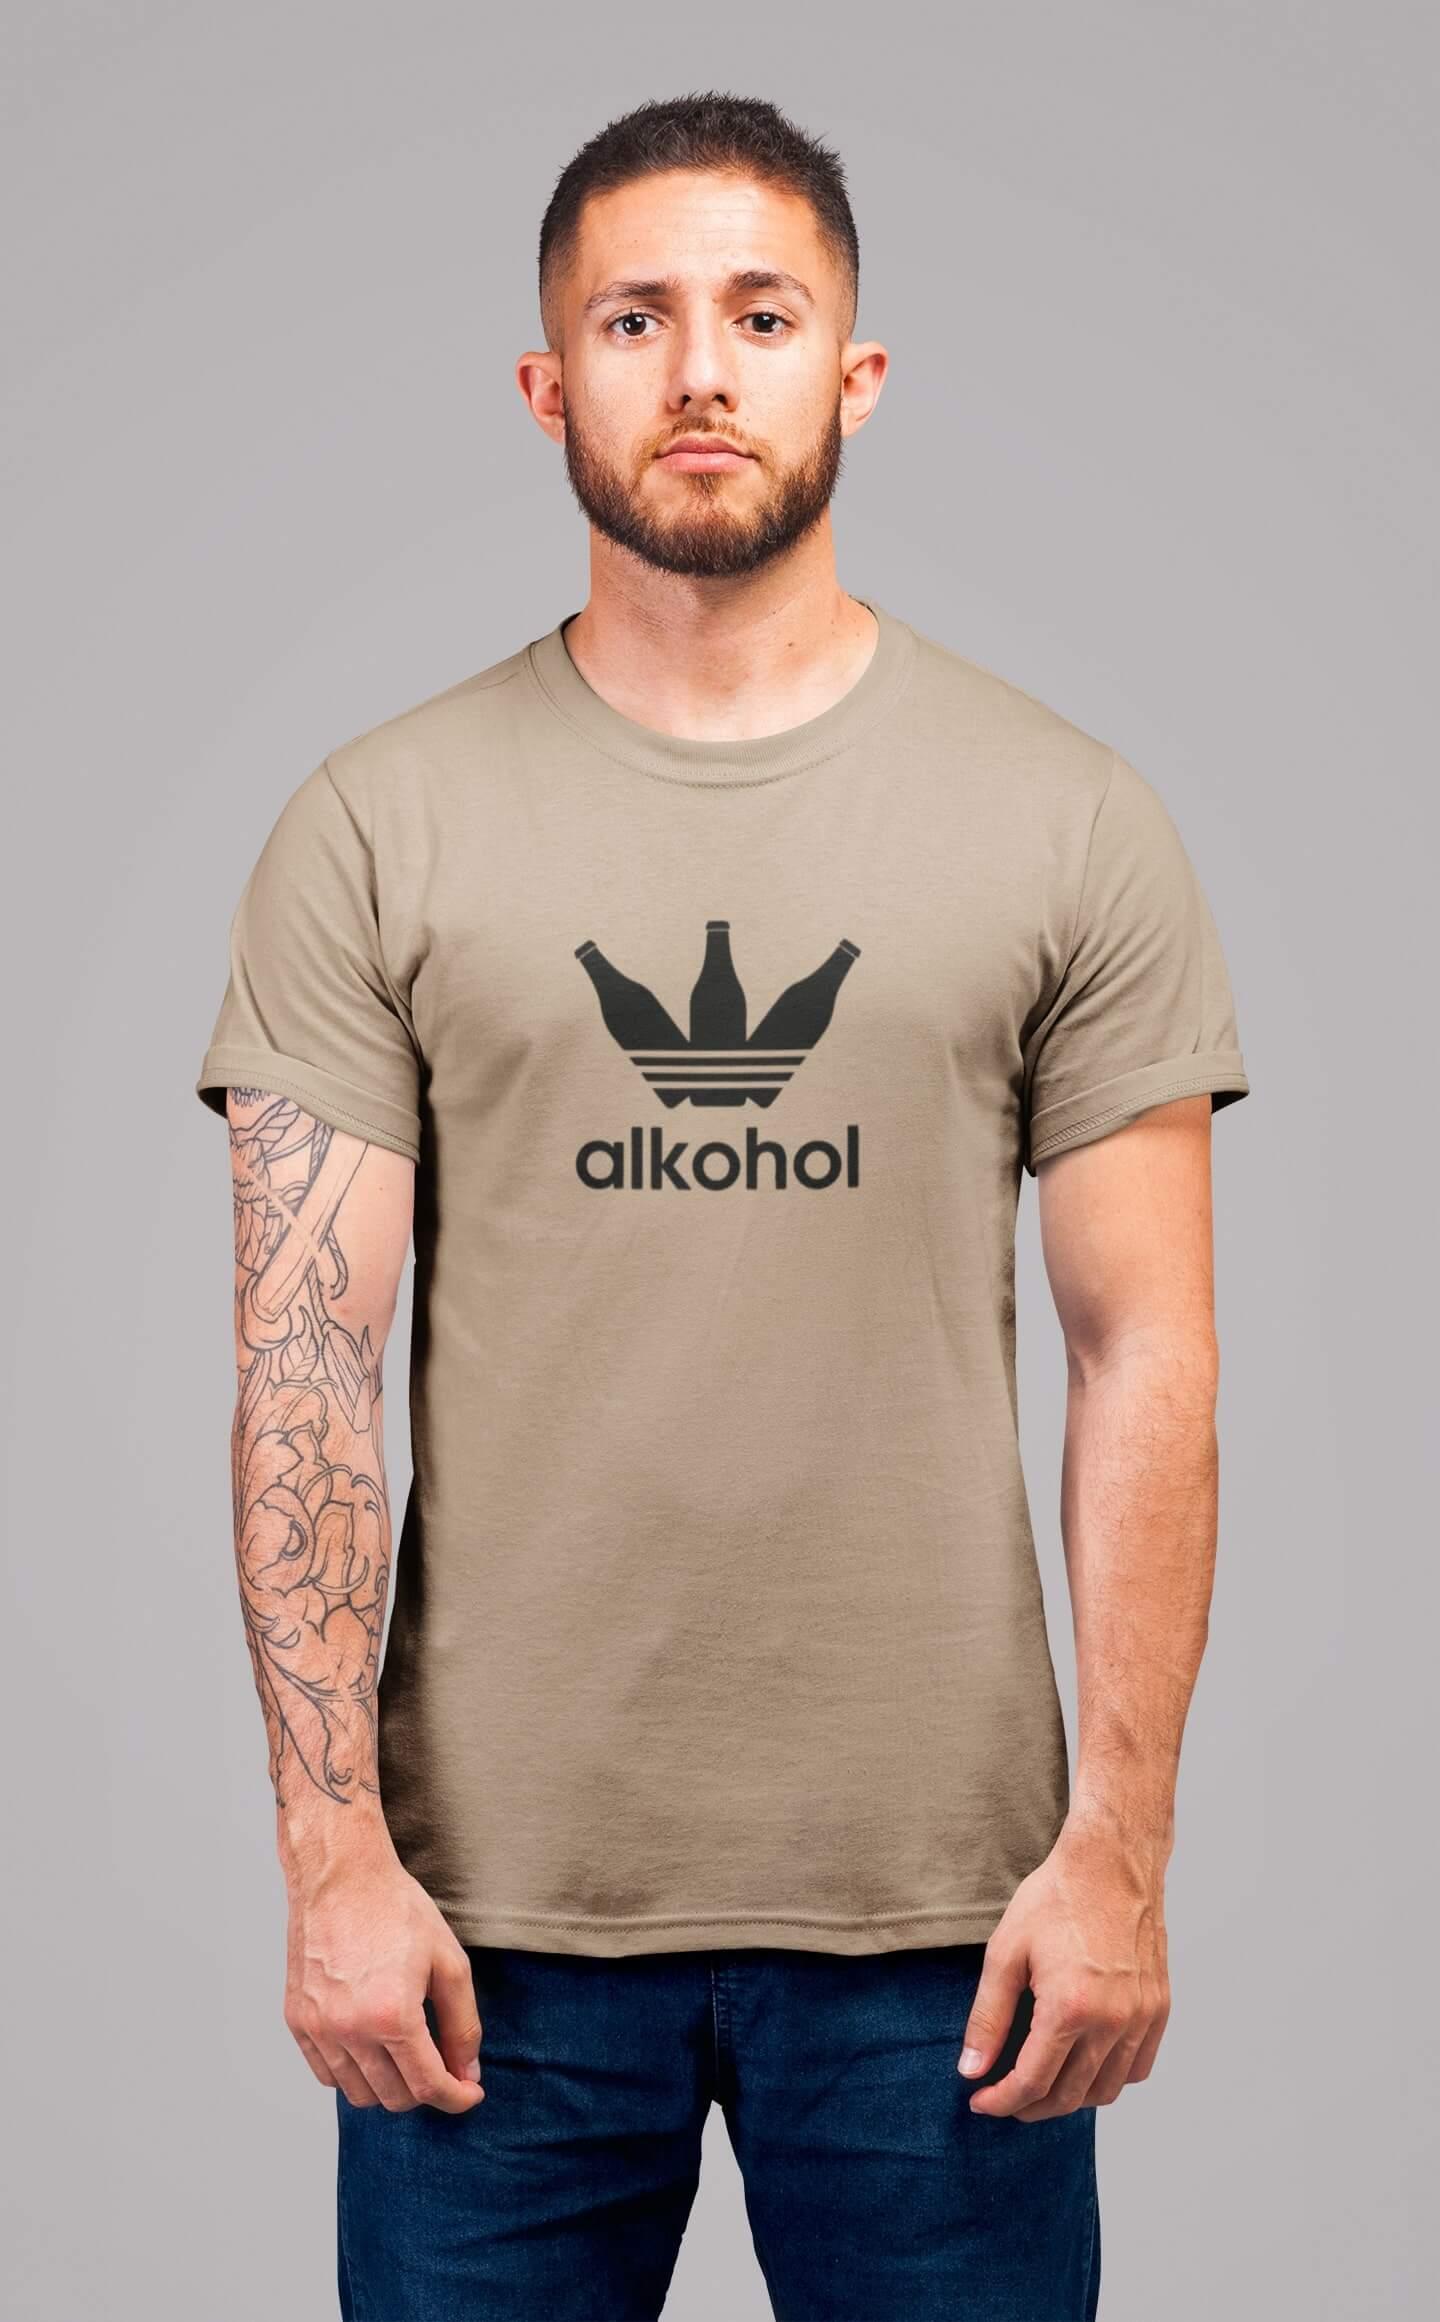 MMO Pánske tričko s flaškami Vyberte farbu: Piesková, Pánska veľkosť: S